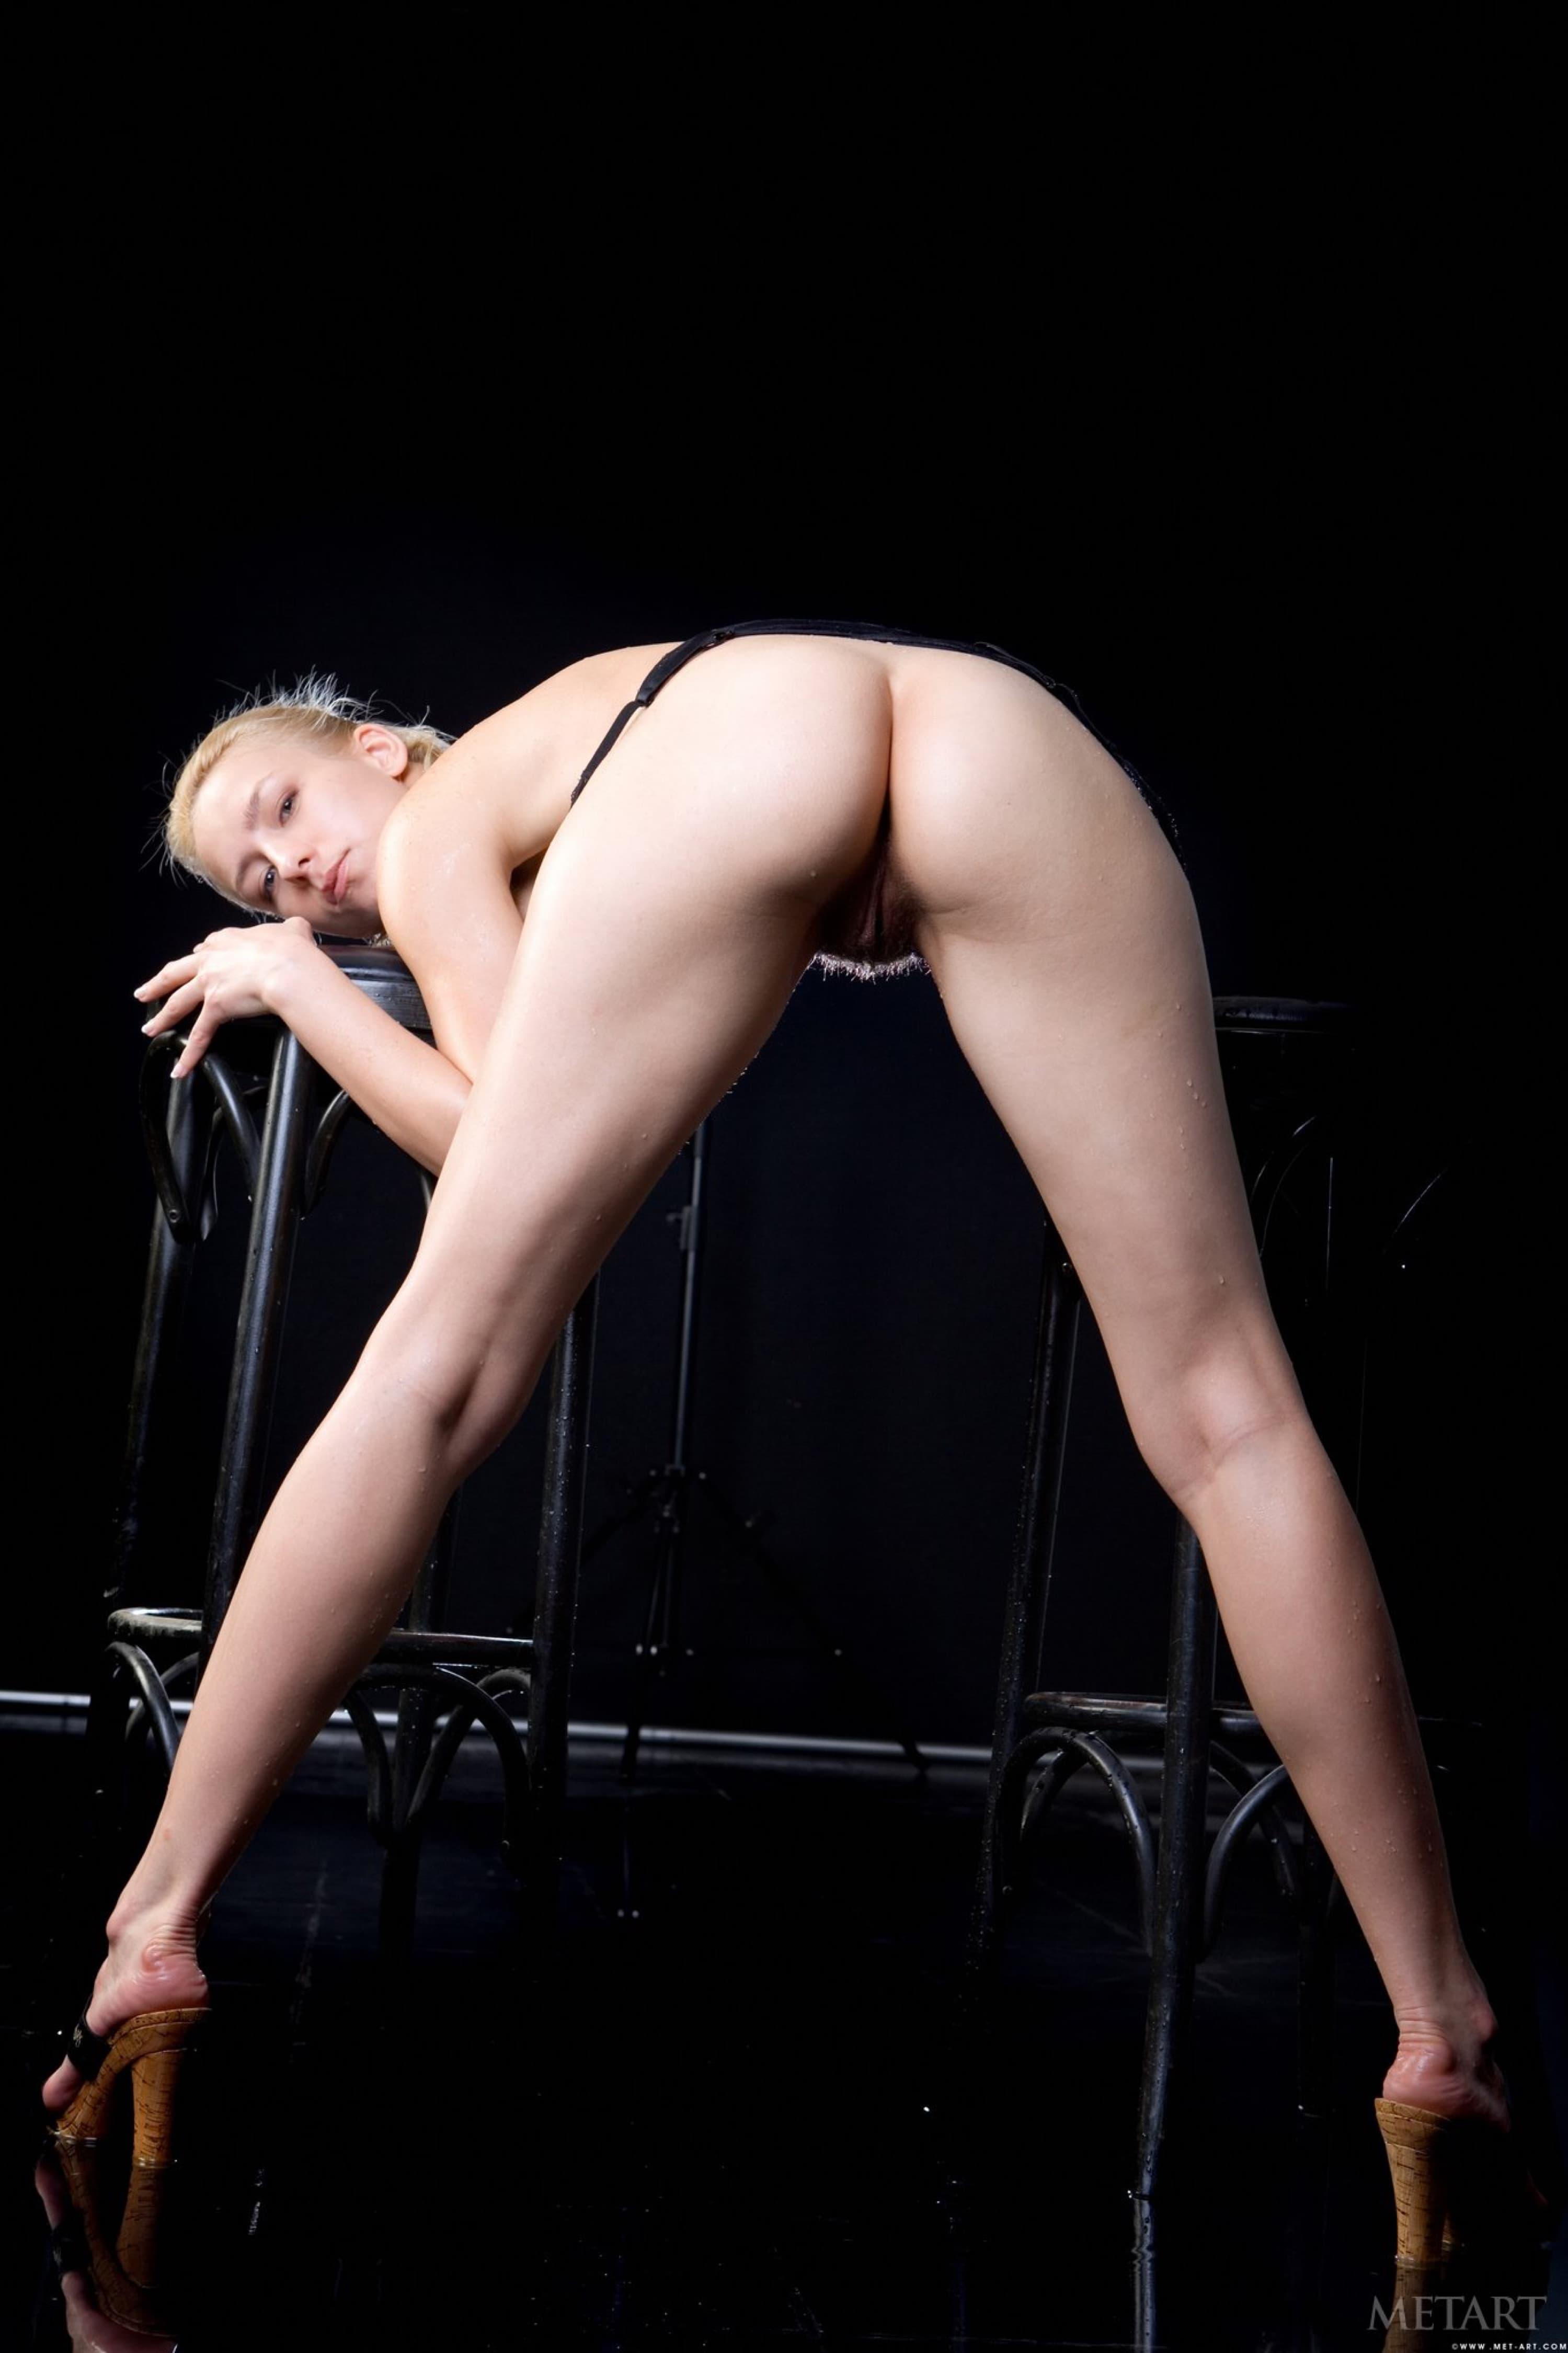 Голая девушка раскрывает пизду в студии